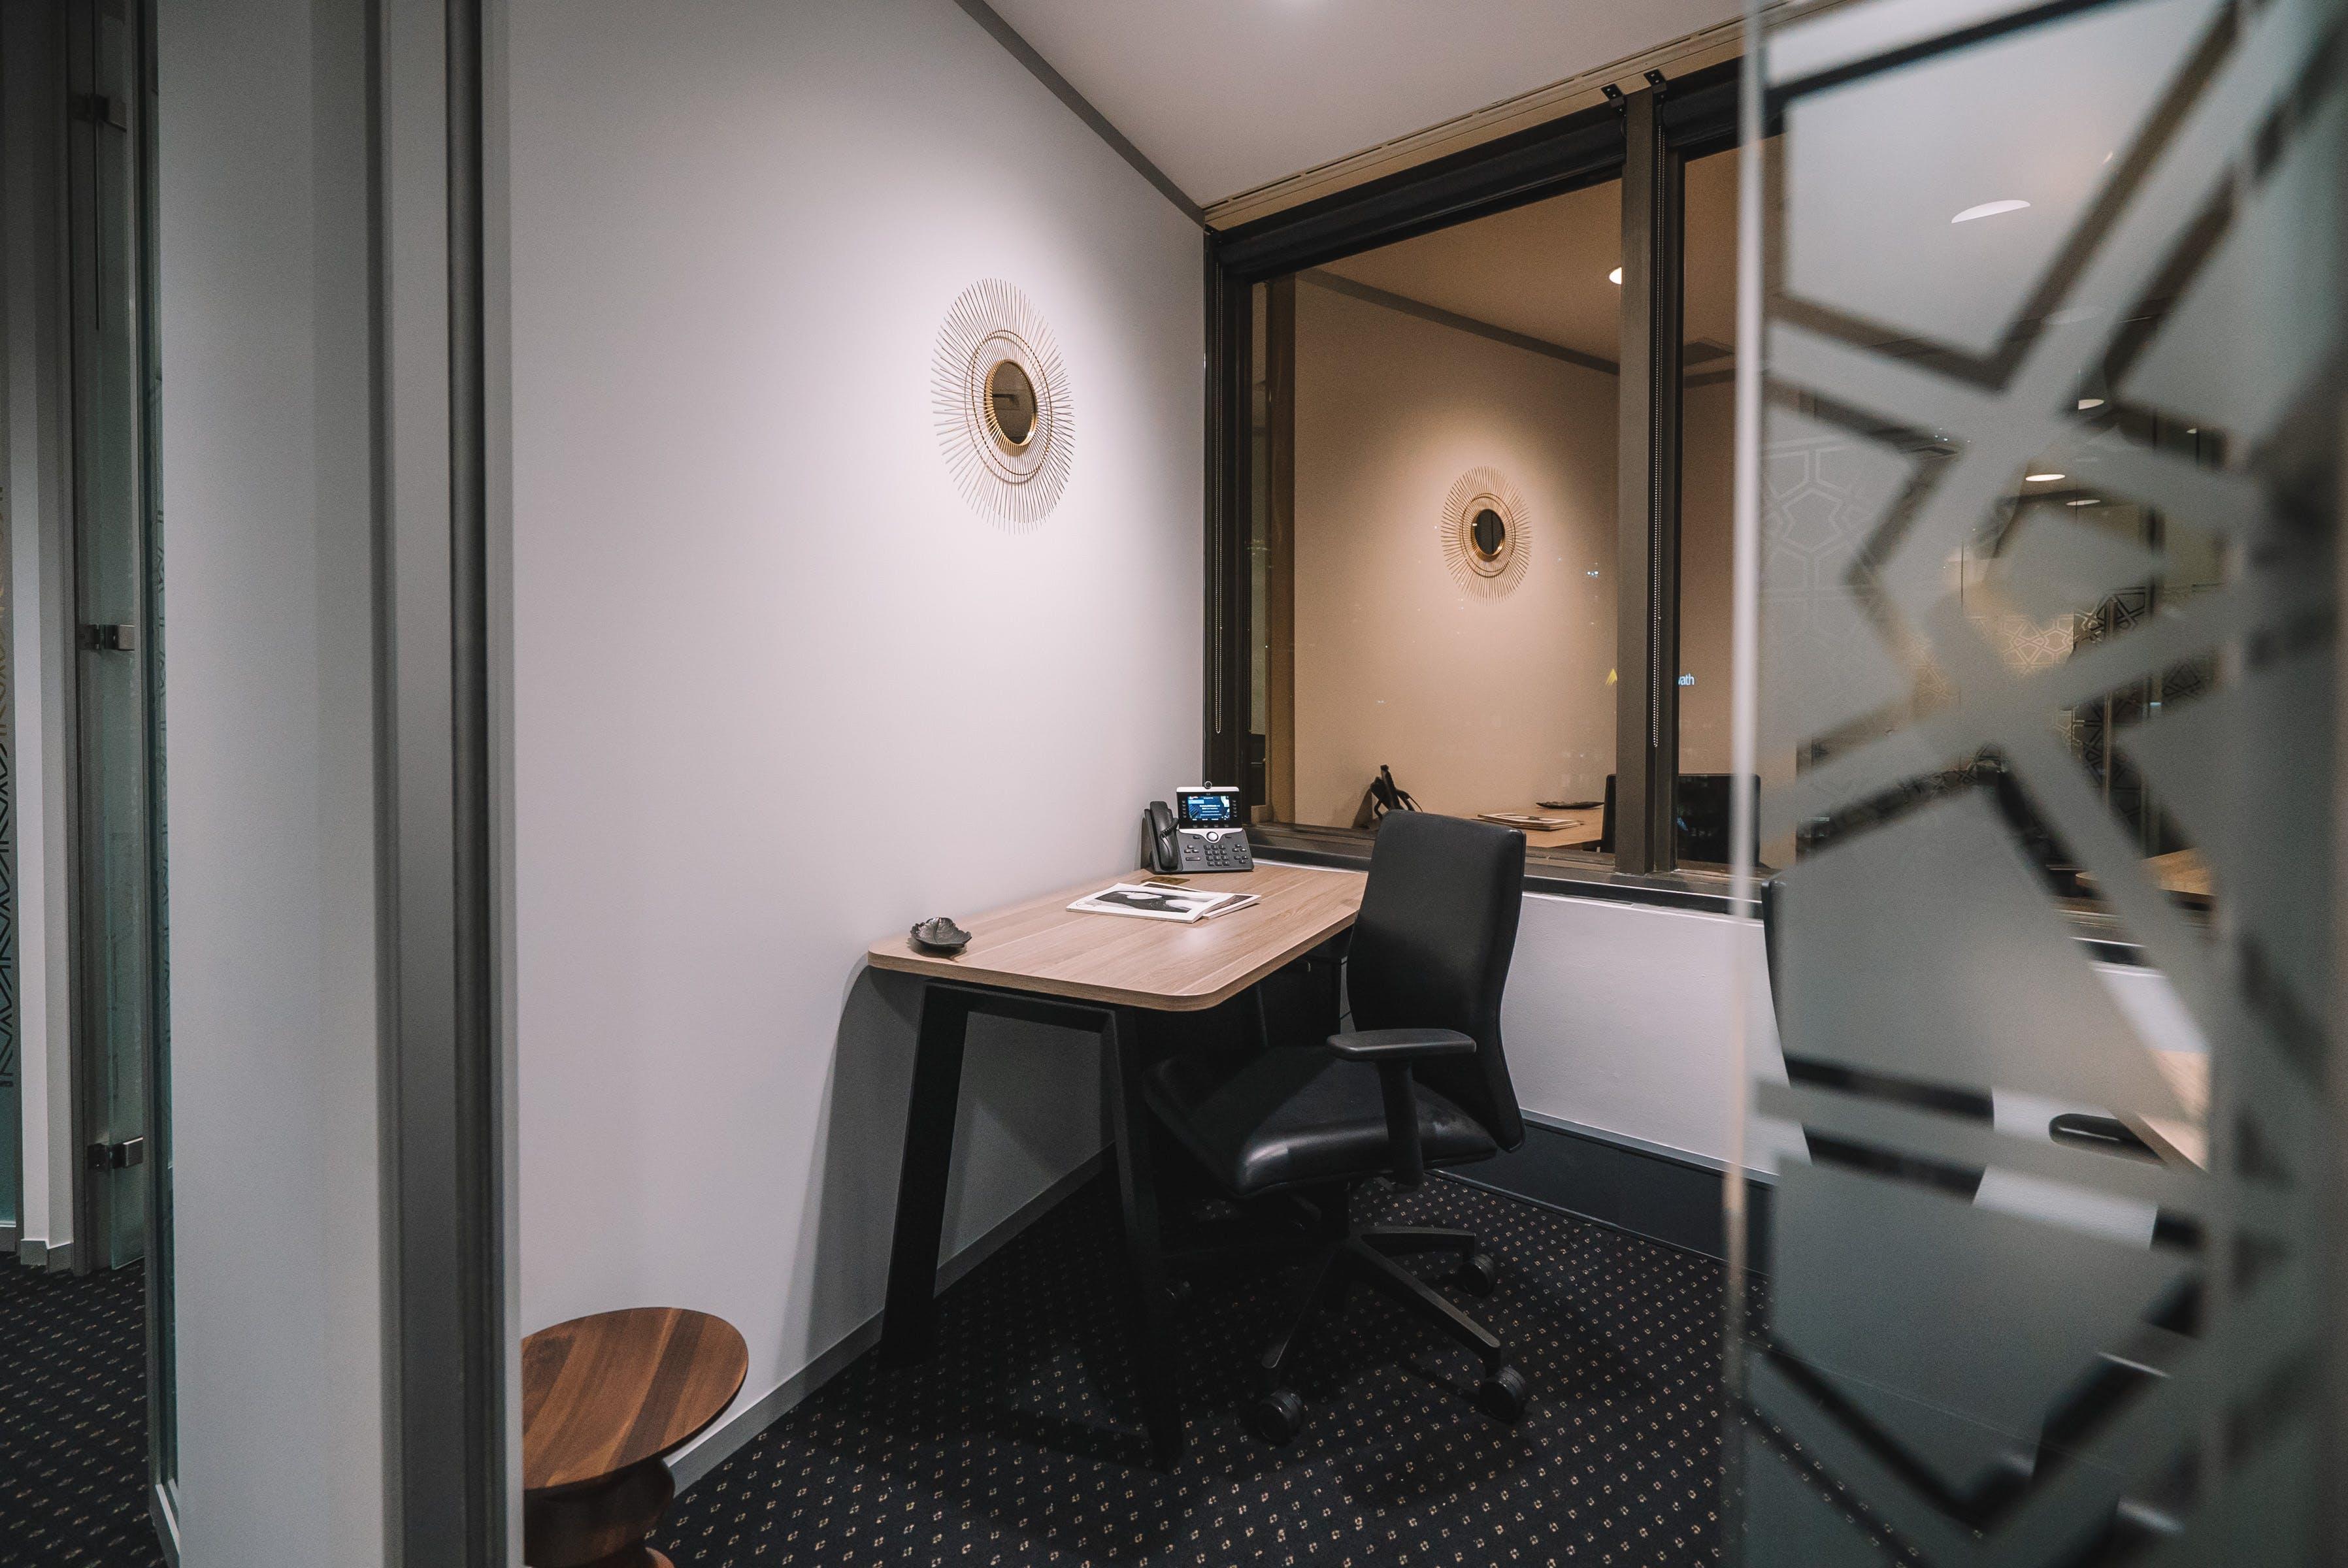 Business Lounge Hot Desk, hot desk at Santos Place, image 6